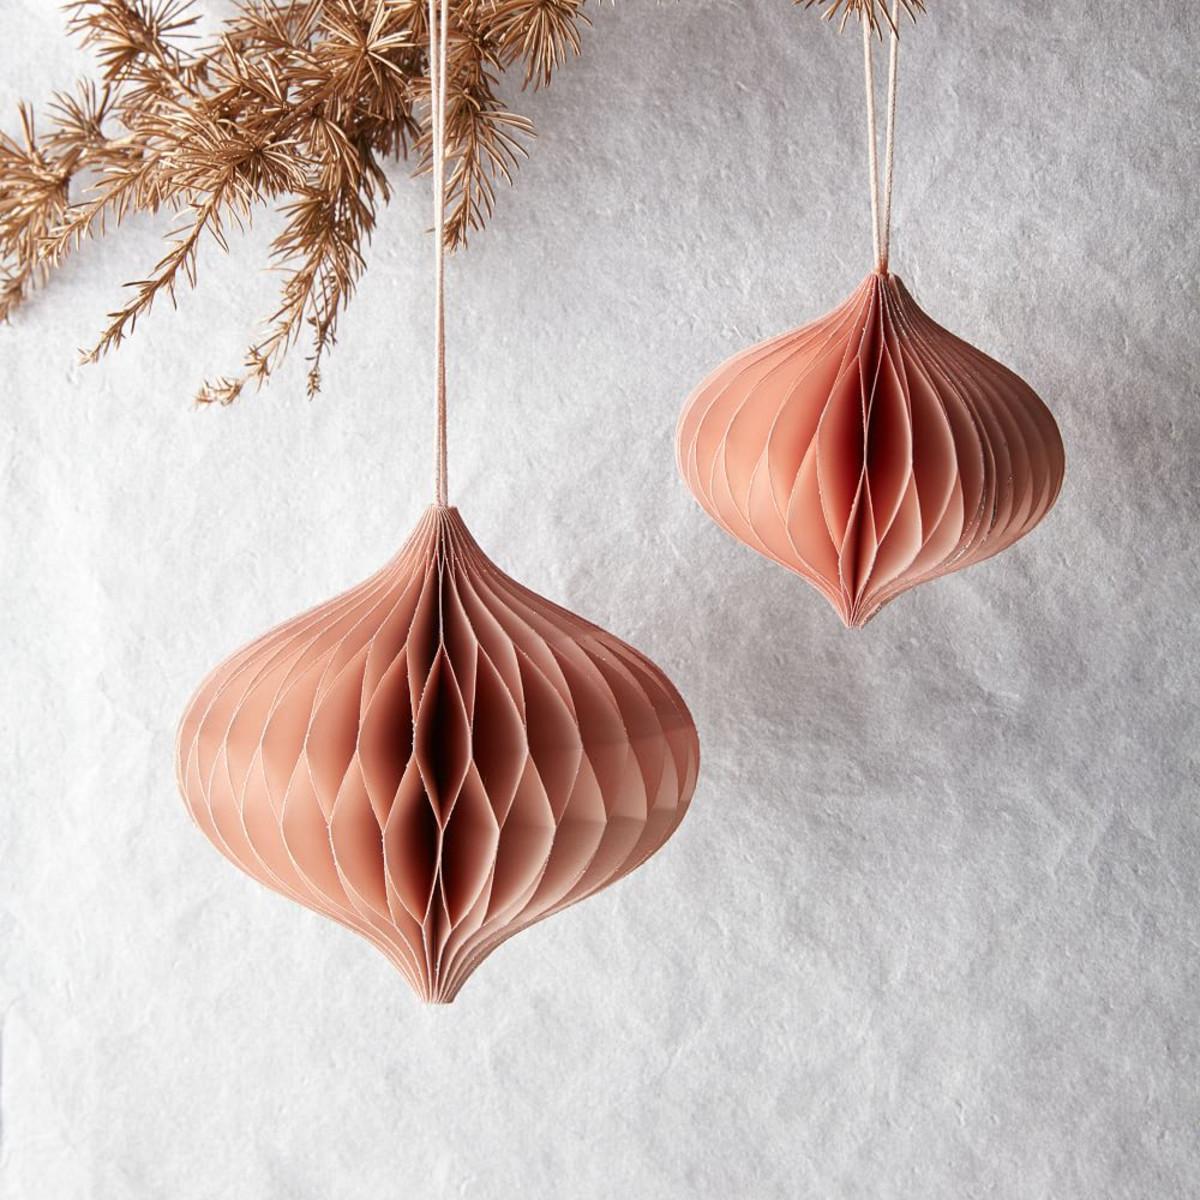 paper-ornaments-blush-2-z-hero.jpg